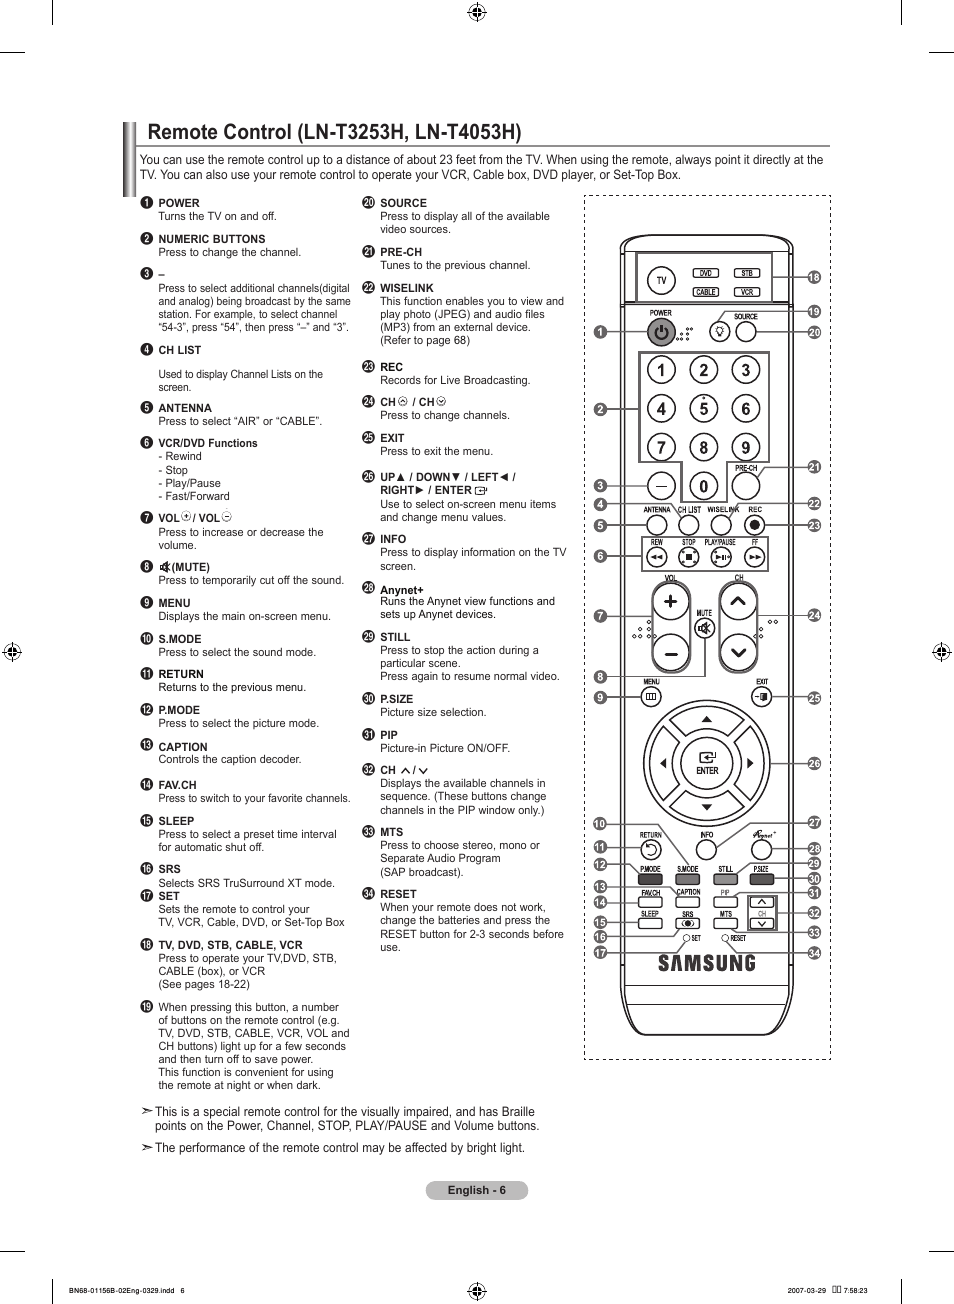 Remote control (ln-tu00 u00 5u00 h, ln-tu00 05u00 h